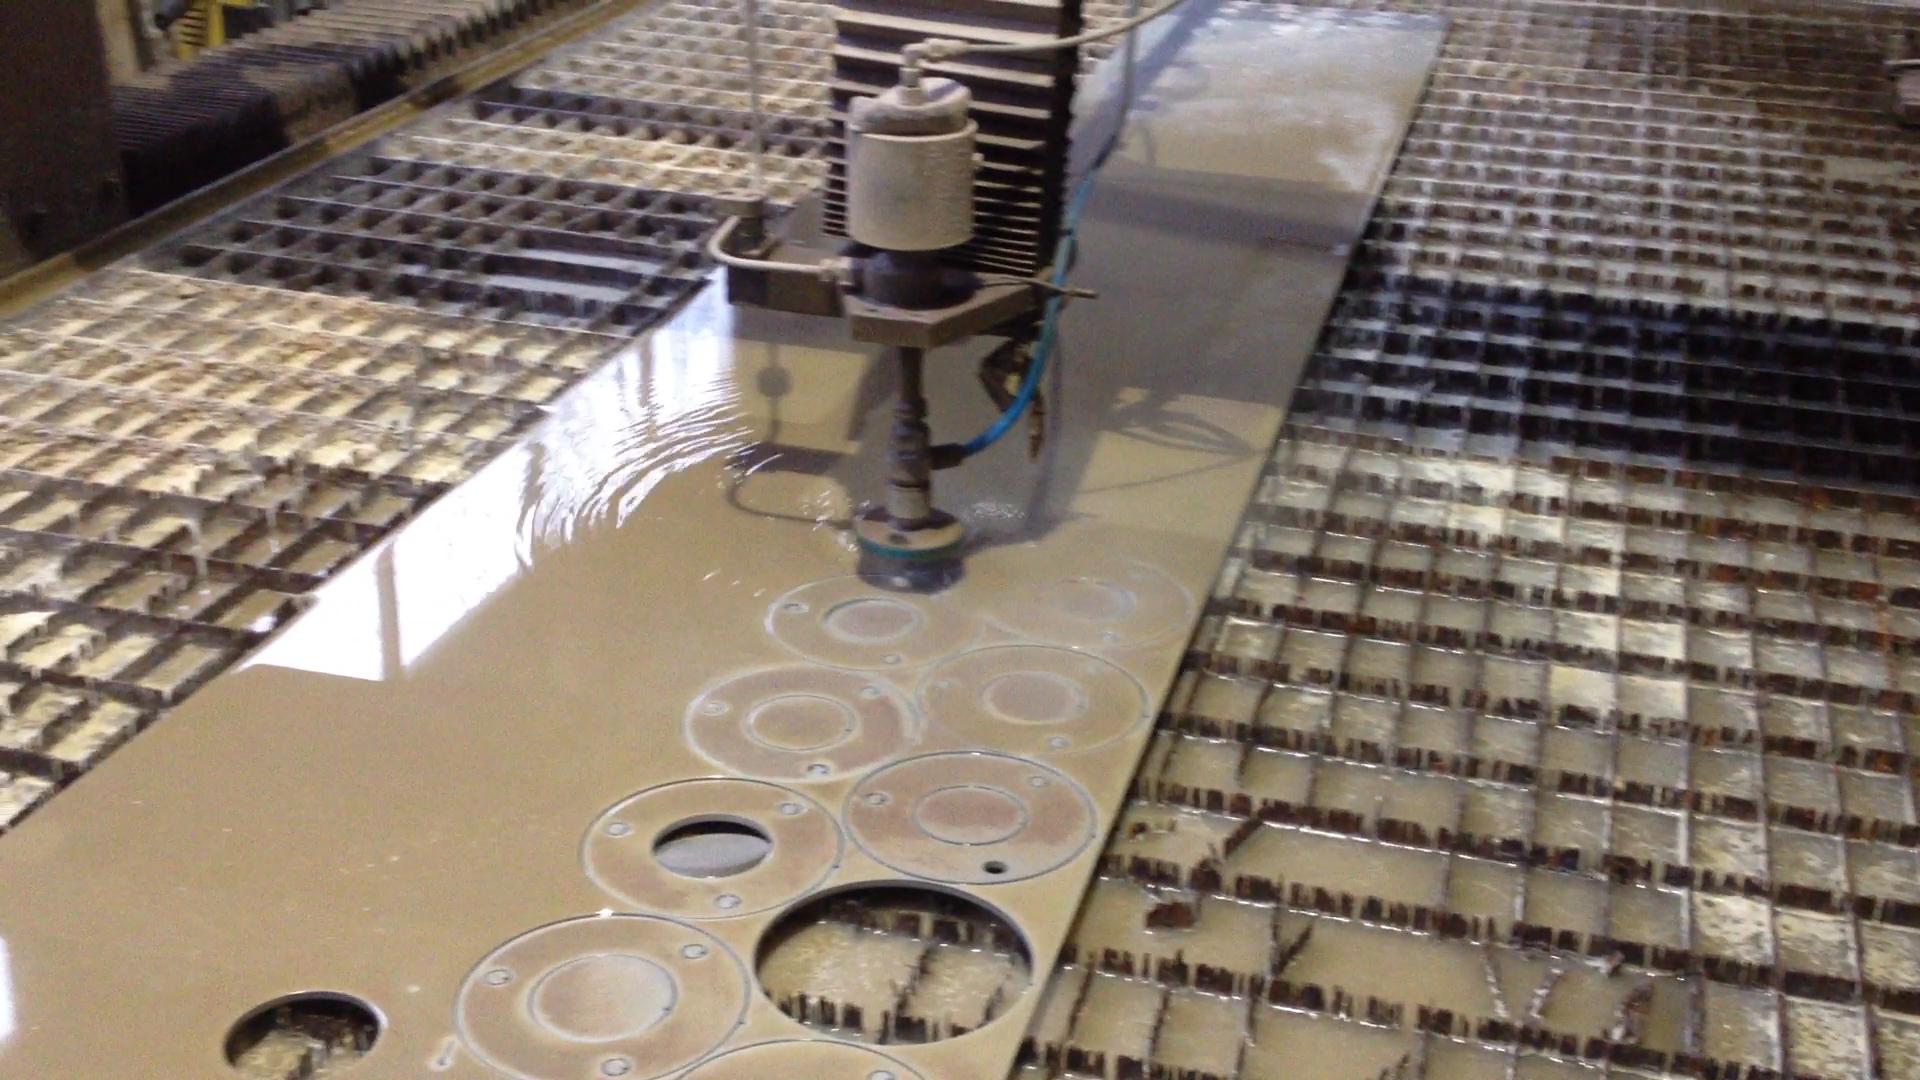 Attēlā redzama 5mm bieza nerūsējošā tērauda loksne, no kuras tiek griestas detaļas kāpņu reliņiem.